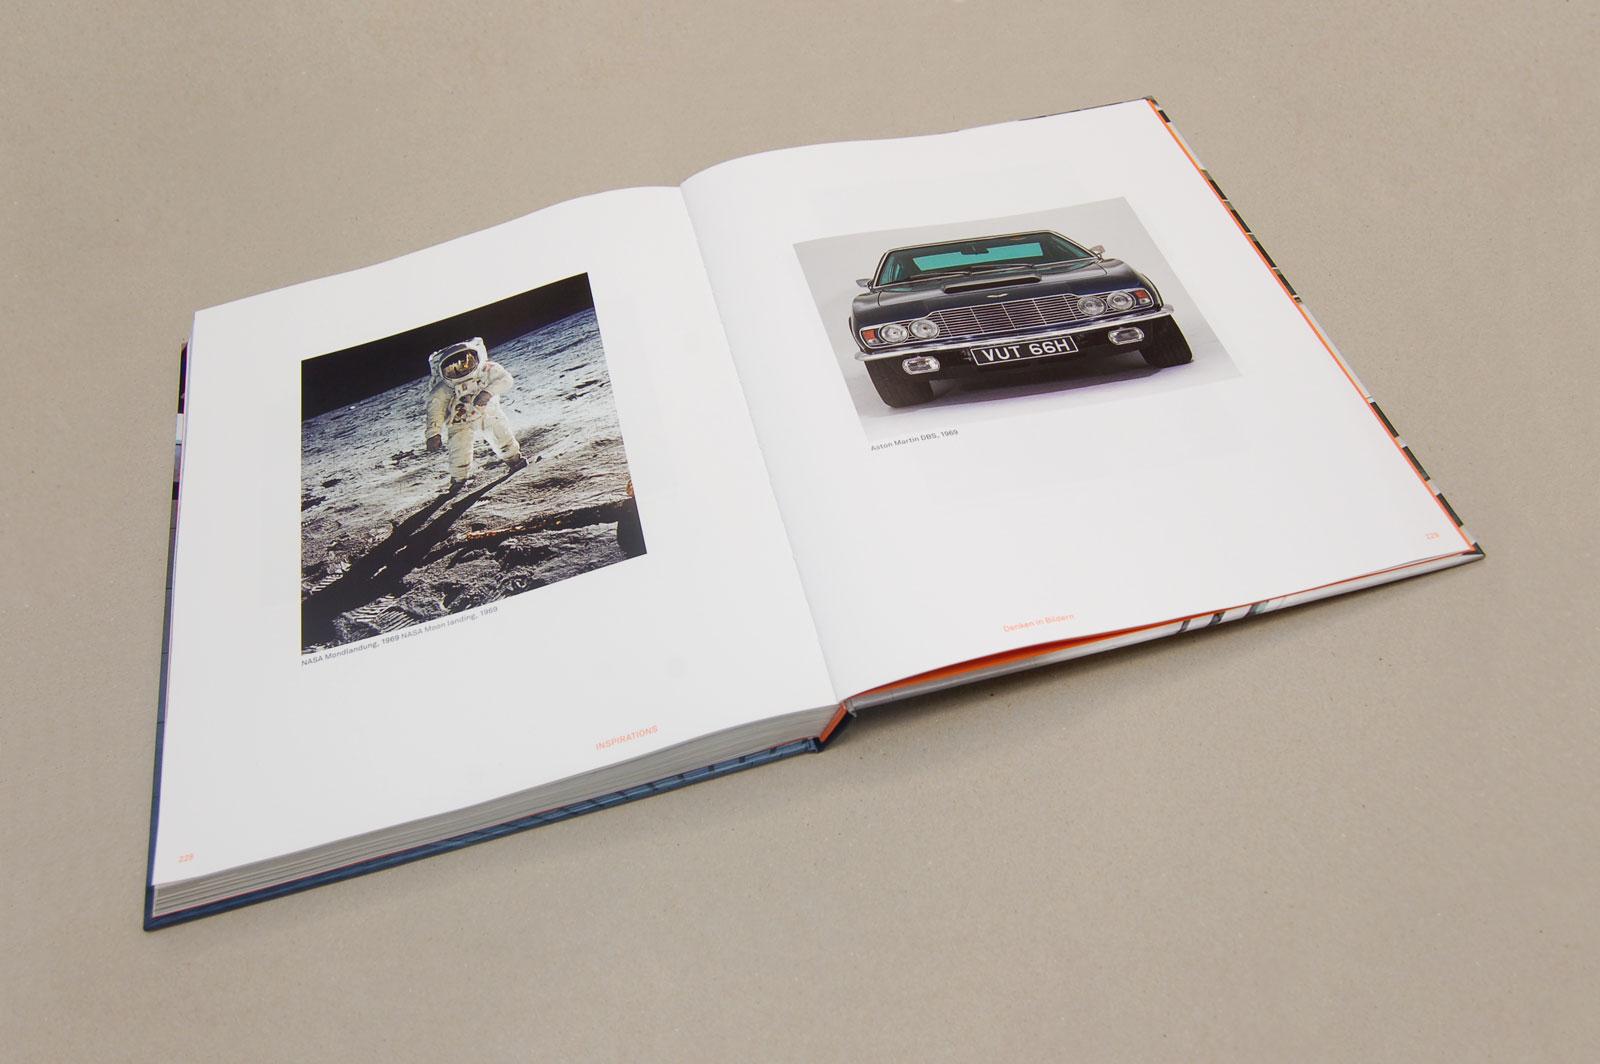 Designbüro Mittelsdorf Gewers Pudewill – Erste umfassende Monografie → Editorial Design, Typografie, Buchgestaltung